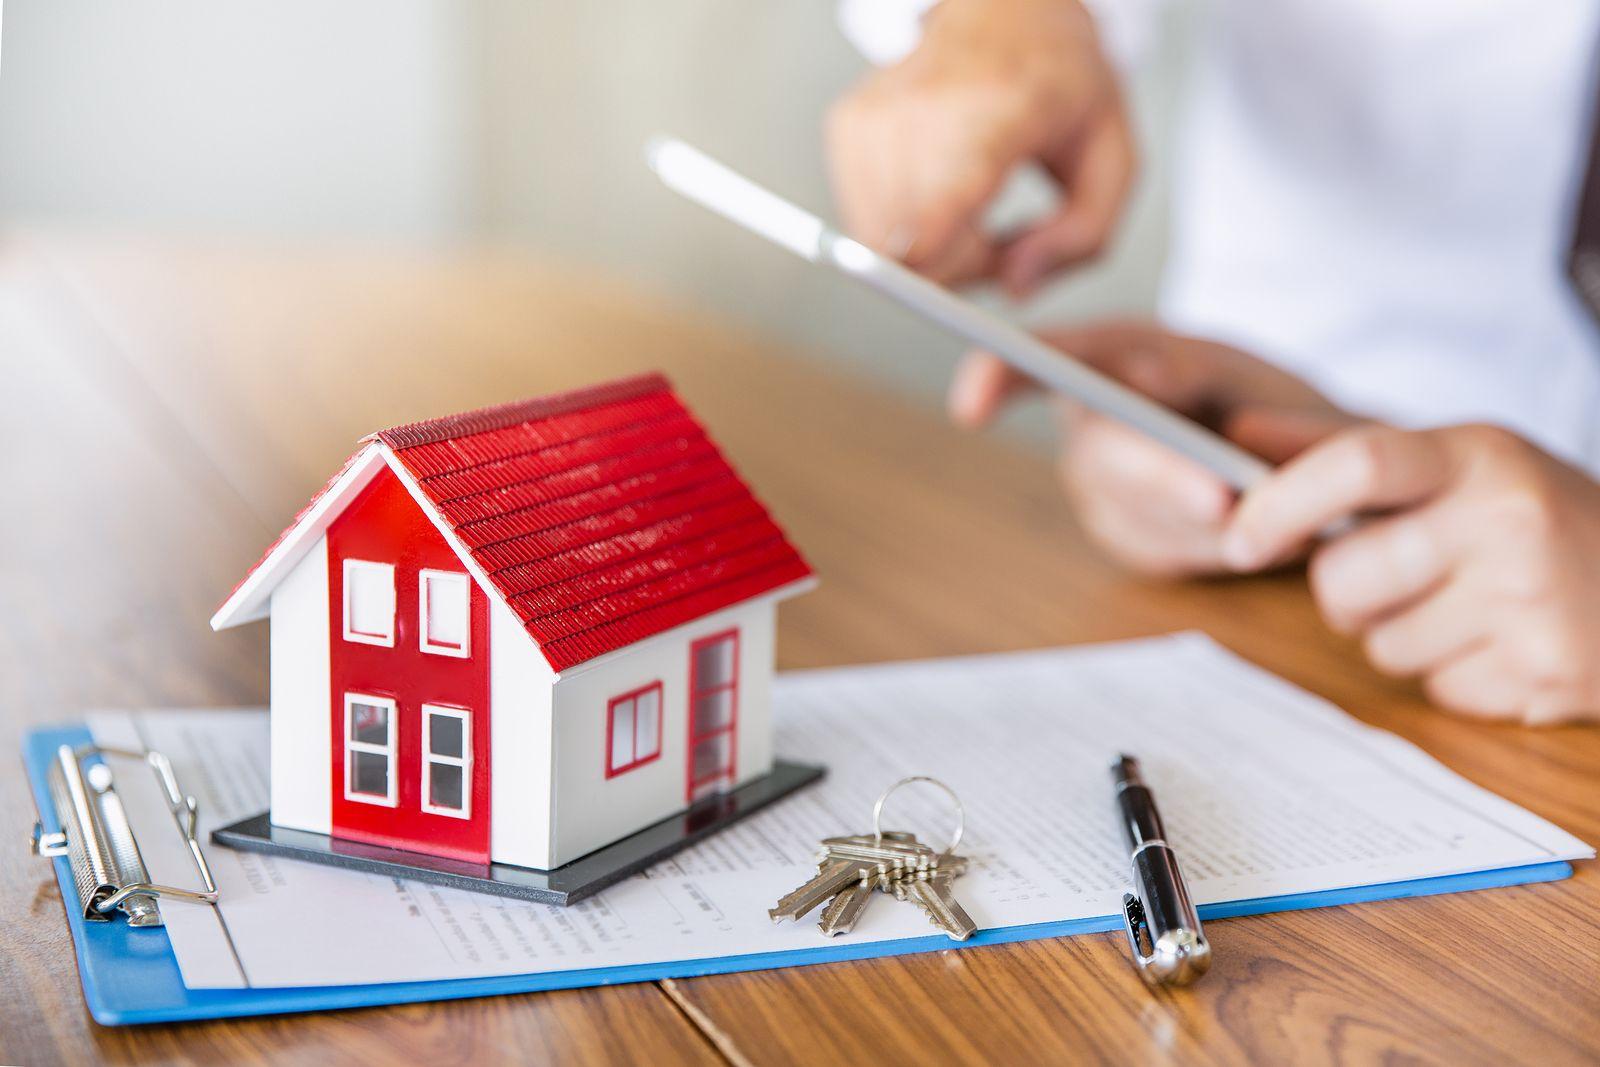 préstamo hipotecario para una casa